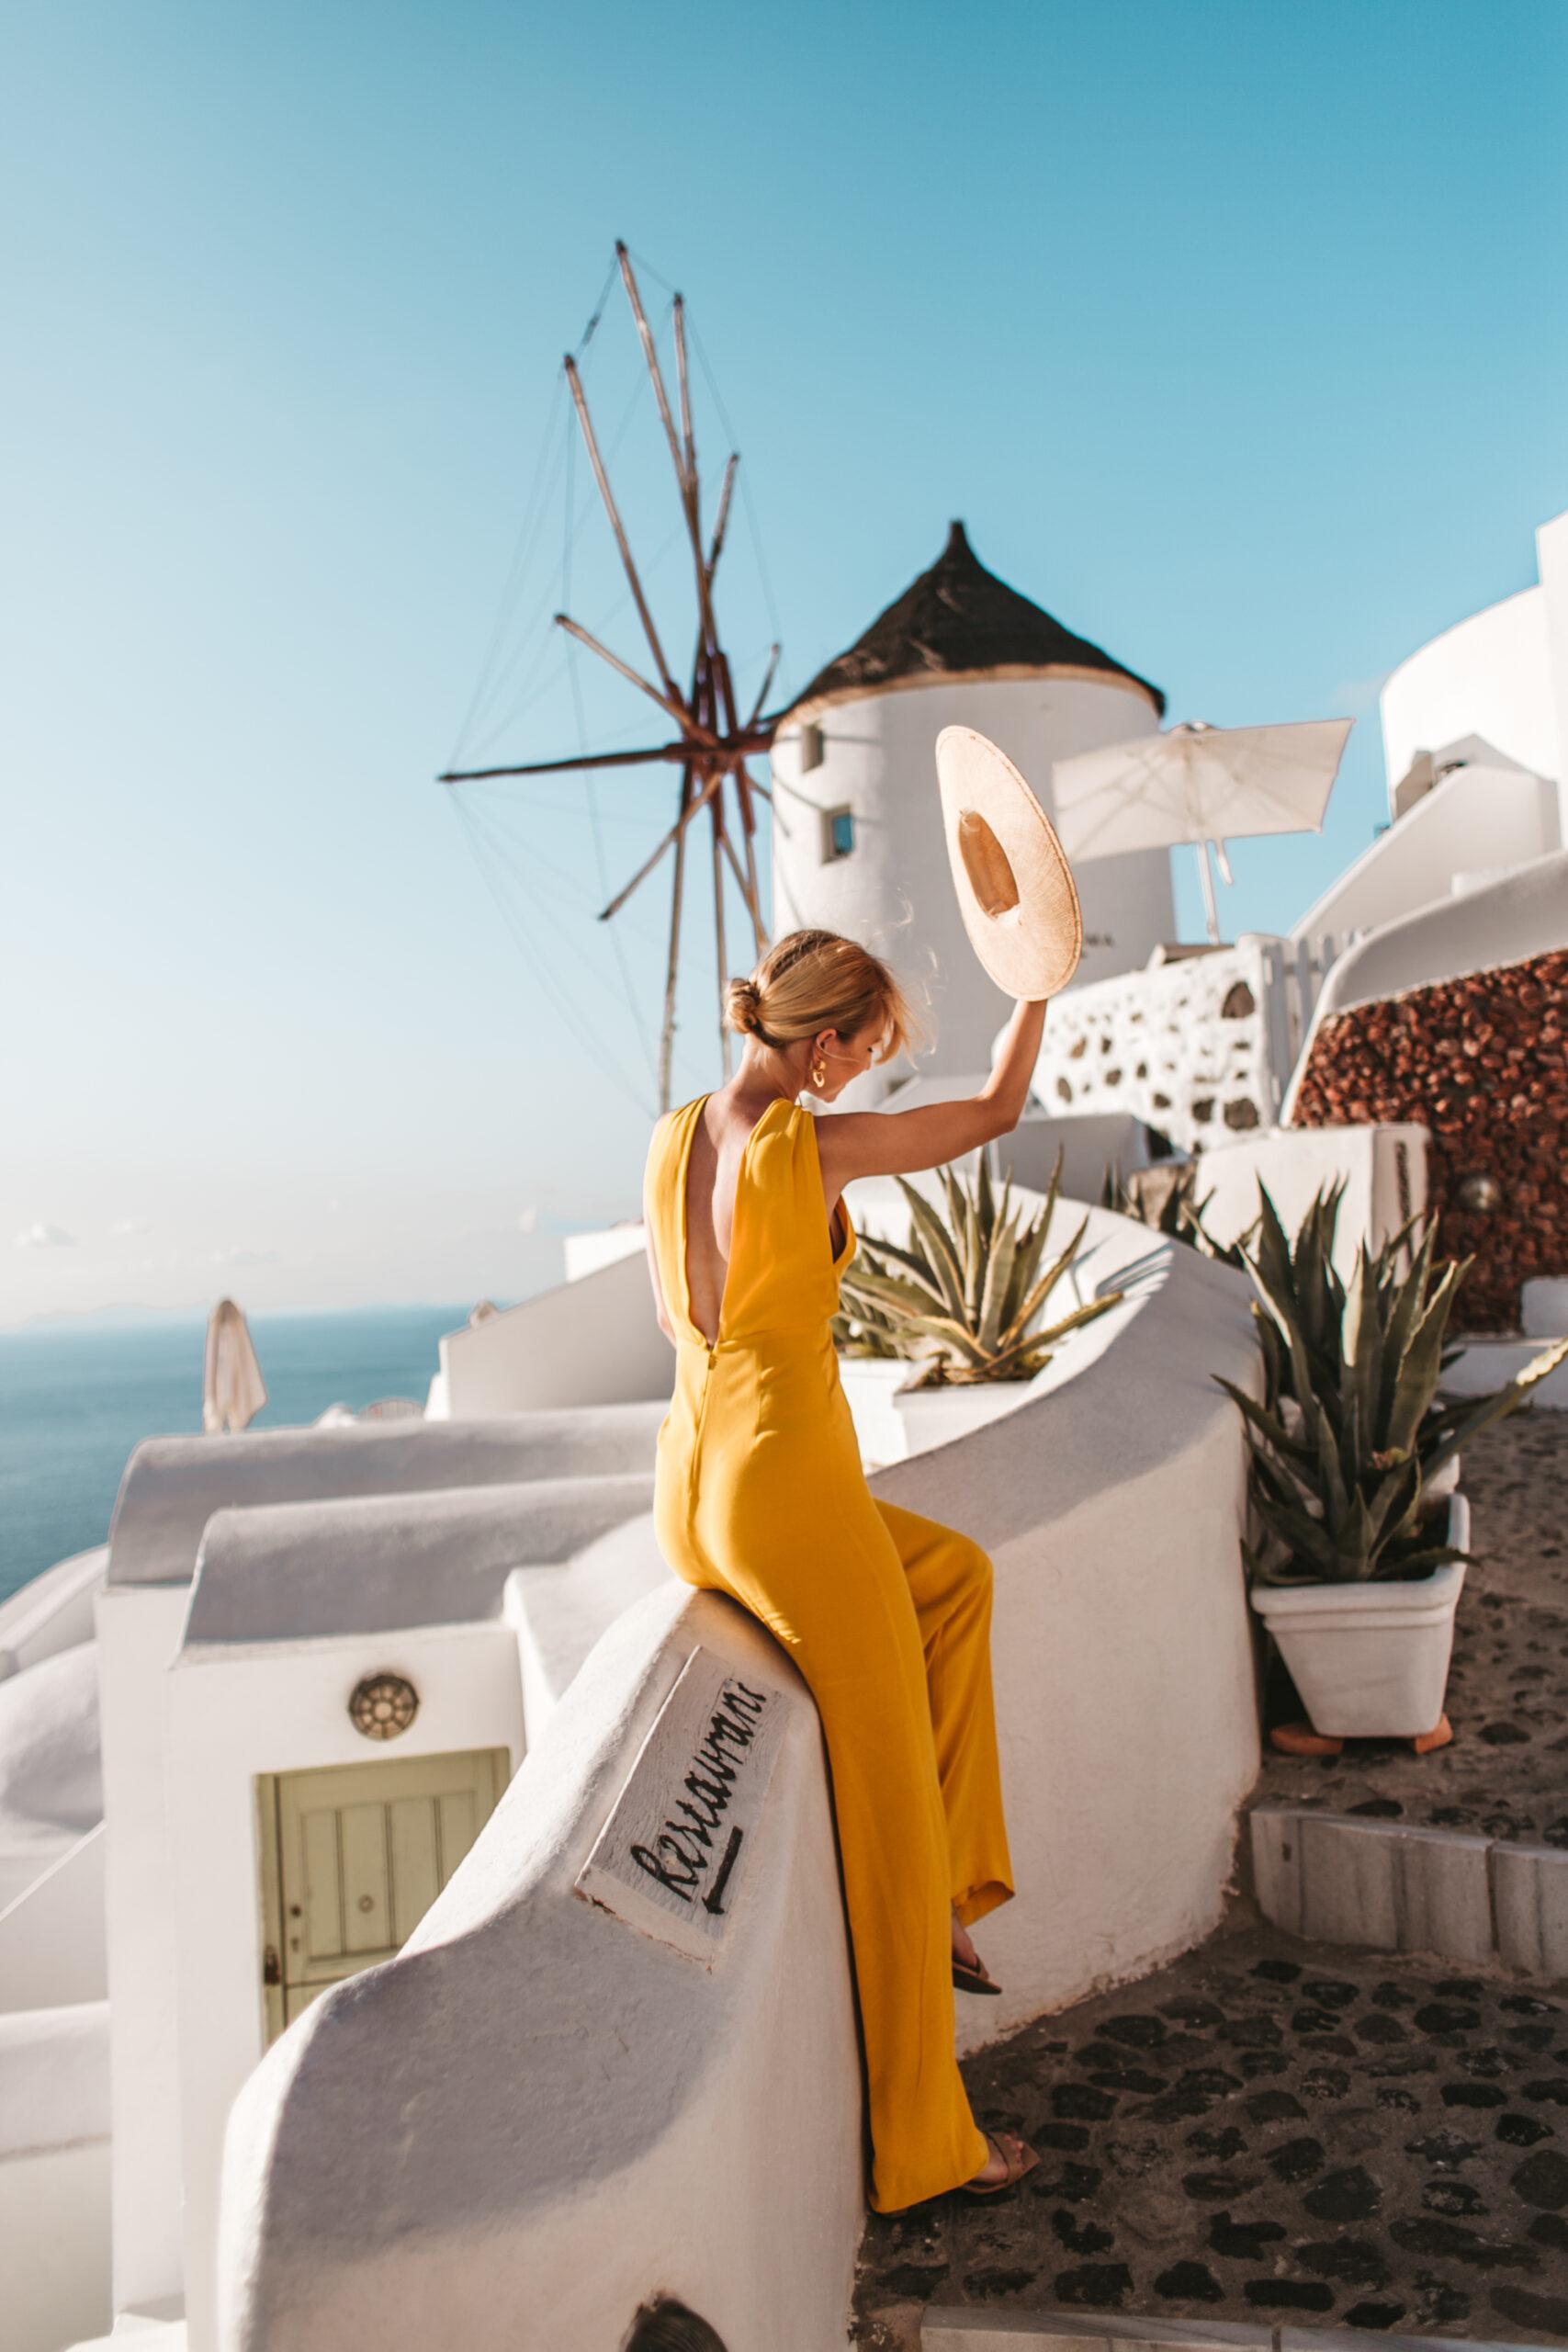 Wiatraki Santorini Grecja, Oia, wiatrak, hotel Oia, blogerka, blog podrozniczy, blog lifestylowy